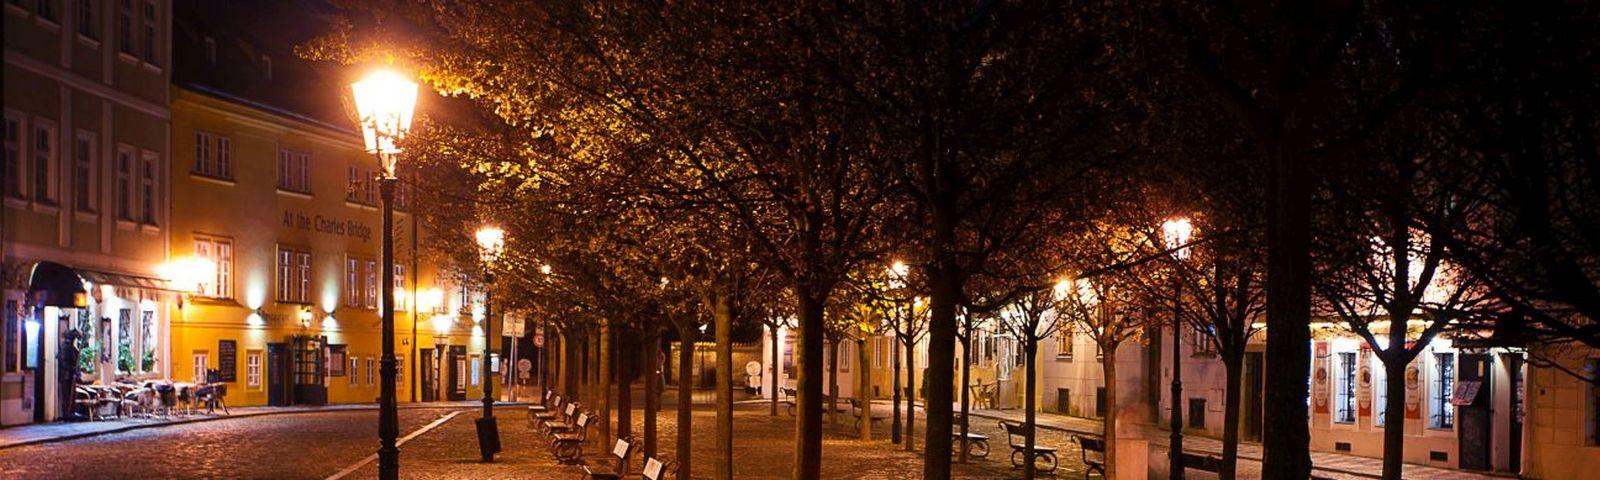 Smart City Lösungen für Ihre Straße & Straßenbeleuchtung